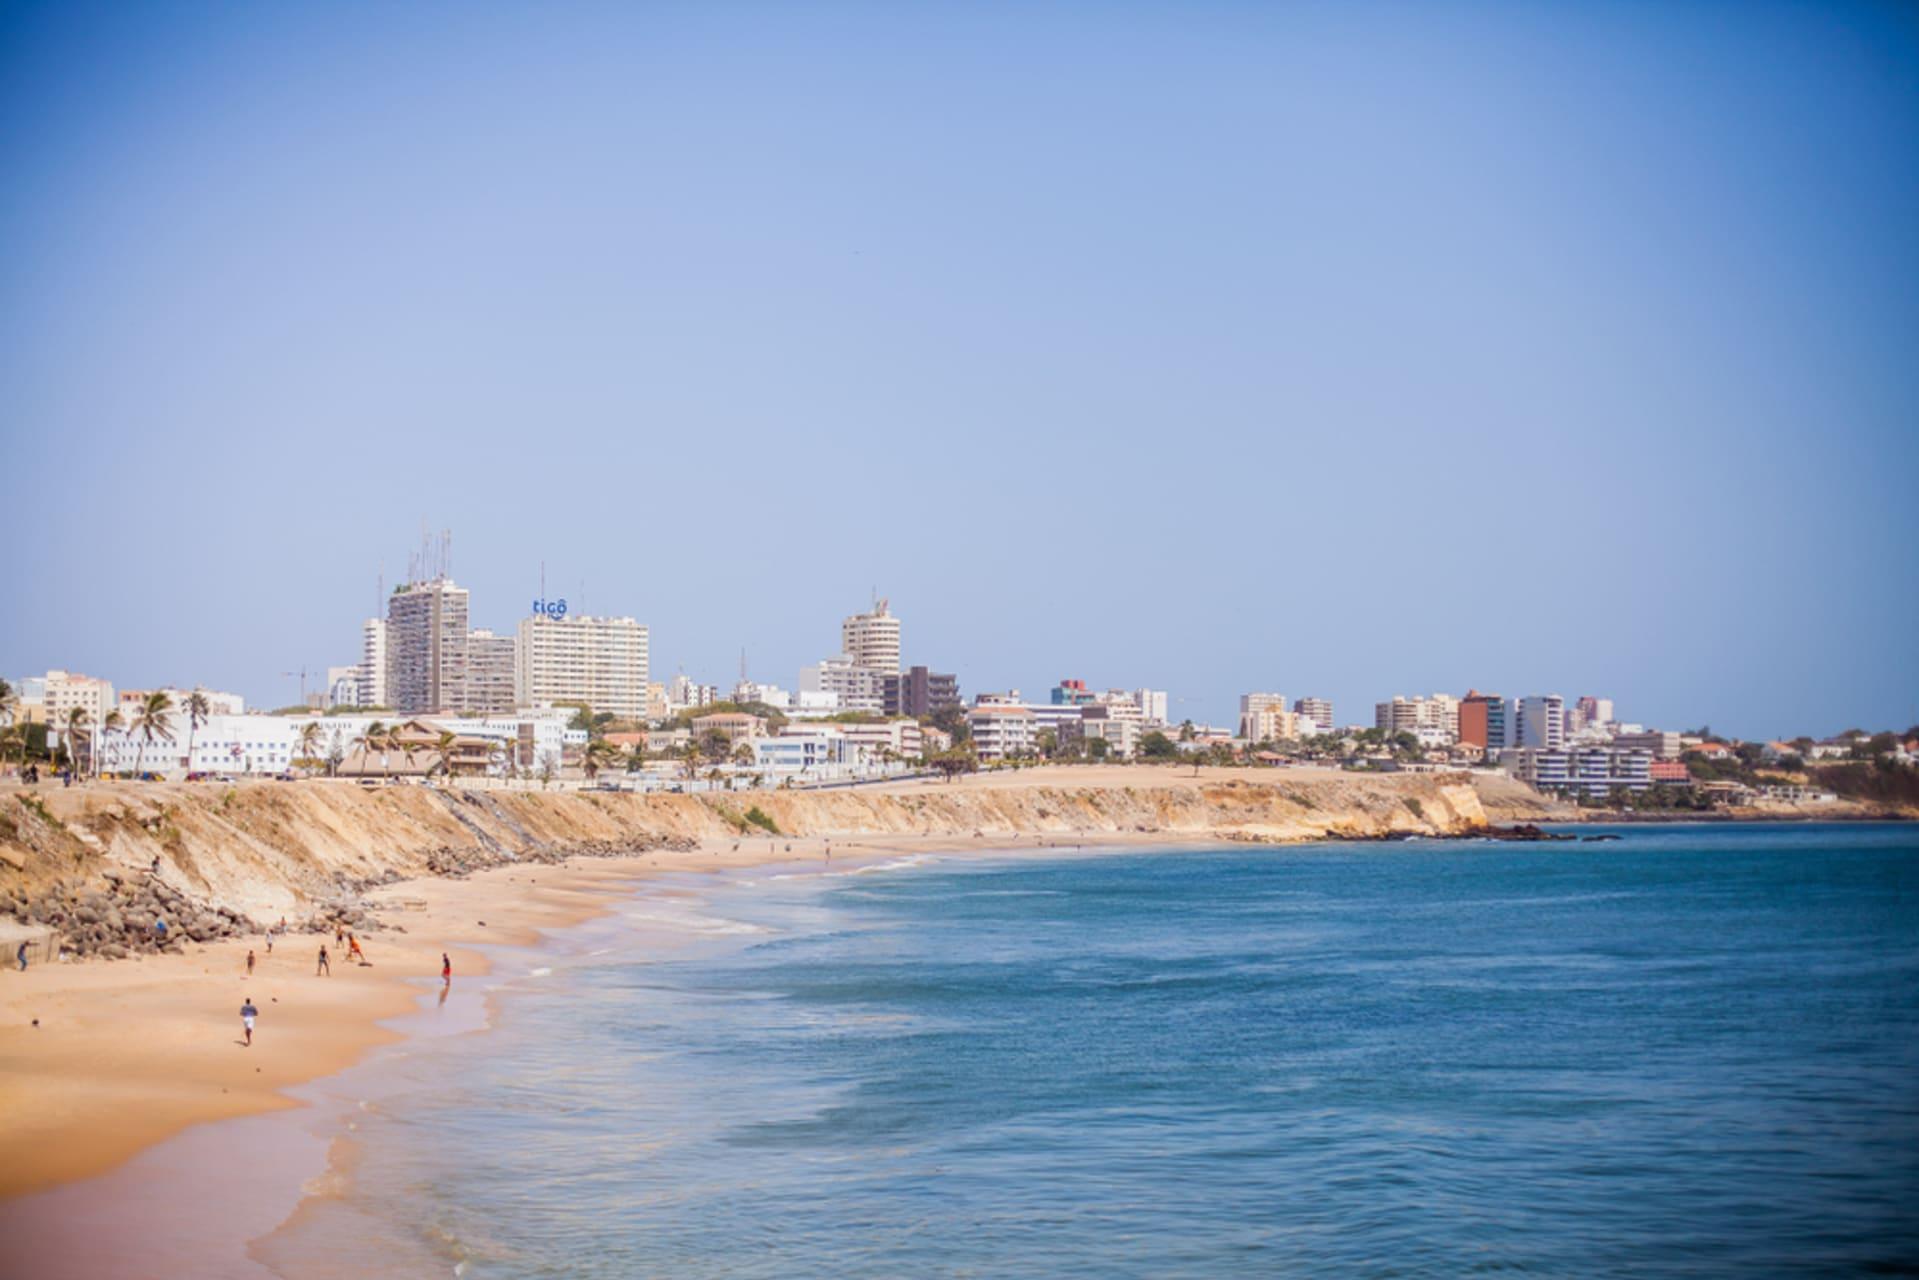 Dakar - Dakar, capital city of Senegal